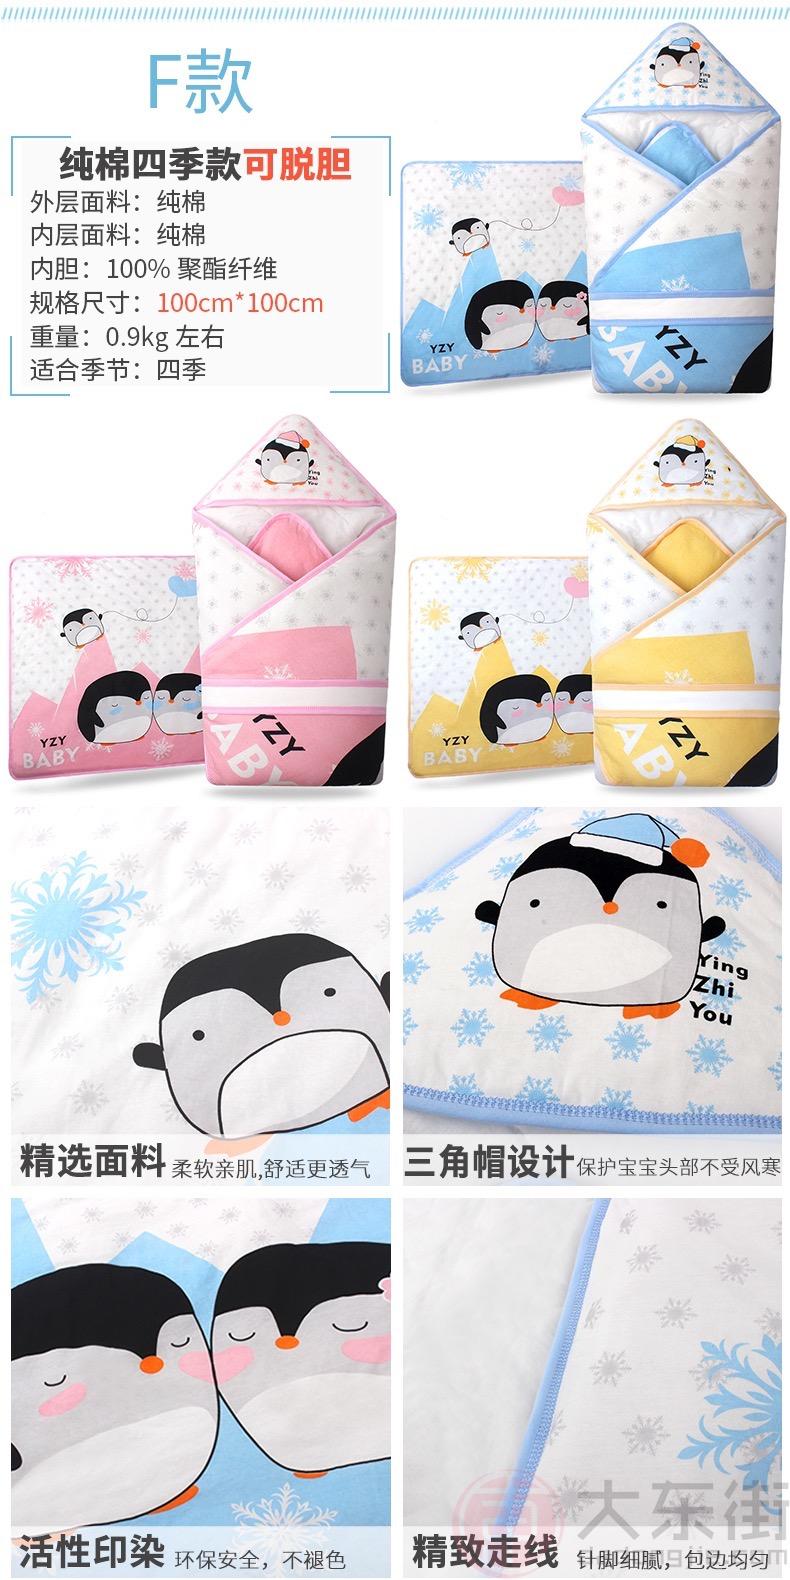 婴儿抱被纯棉小企鹅装饰四季可拆内胆